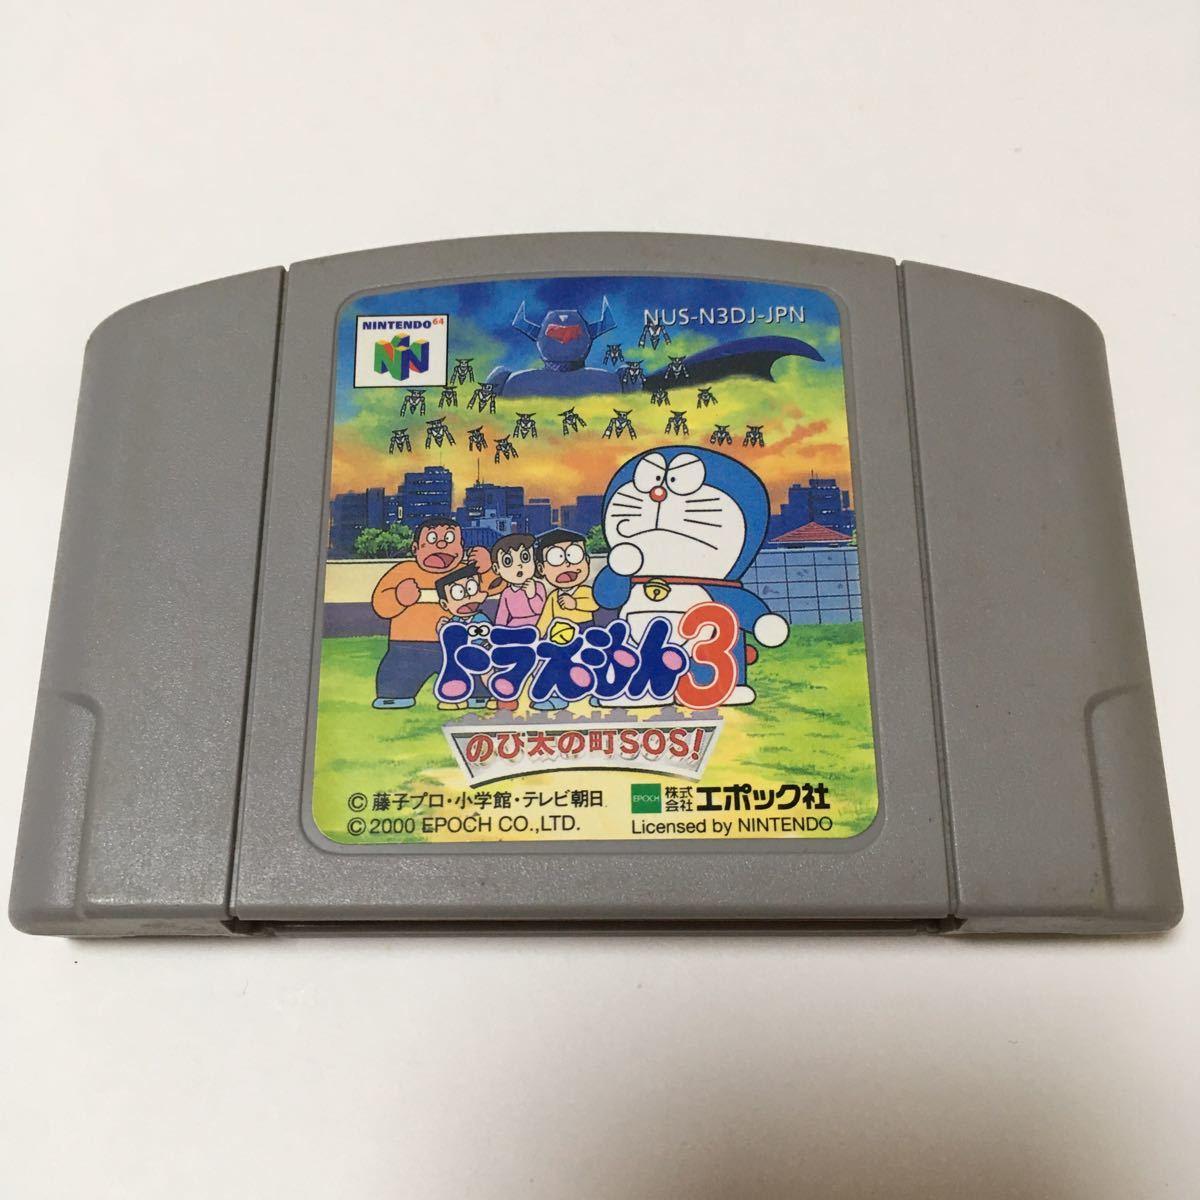 ニンテンドー64 ソフト ドラえもん3 のび太の町SOS  動作確認済み エポック社 任天堂 レトロ ゲーム カセット